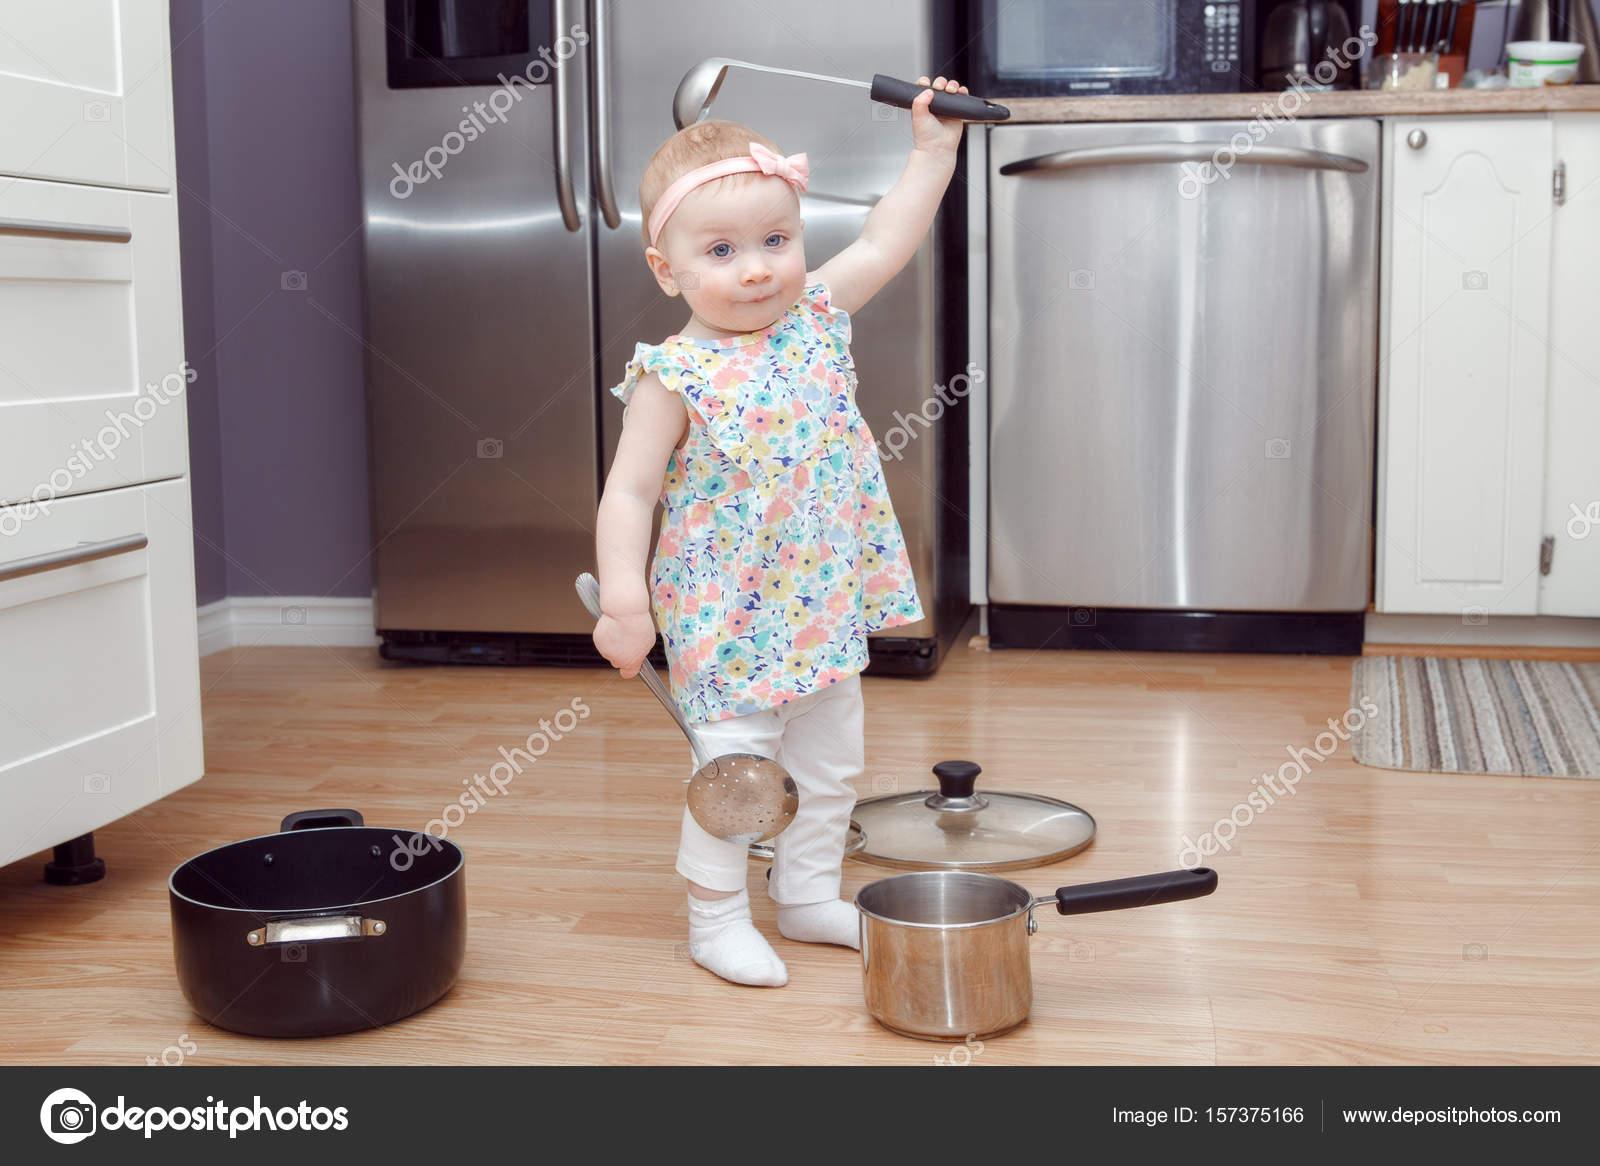 blonde Mädchen spielen in der Küche — Stockfoto © AnoushkaToronto ...